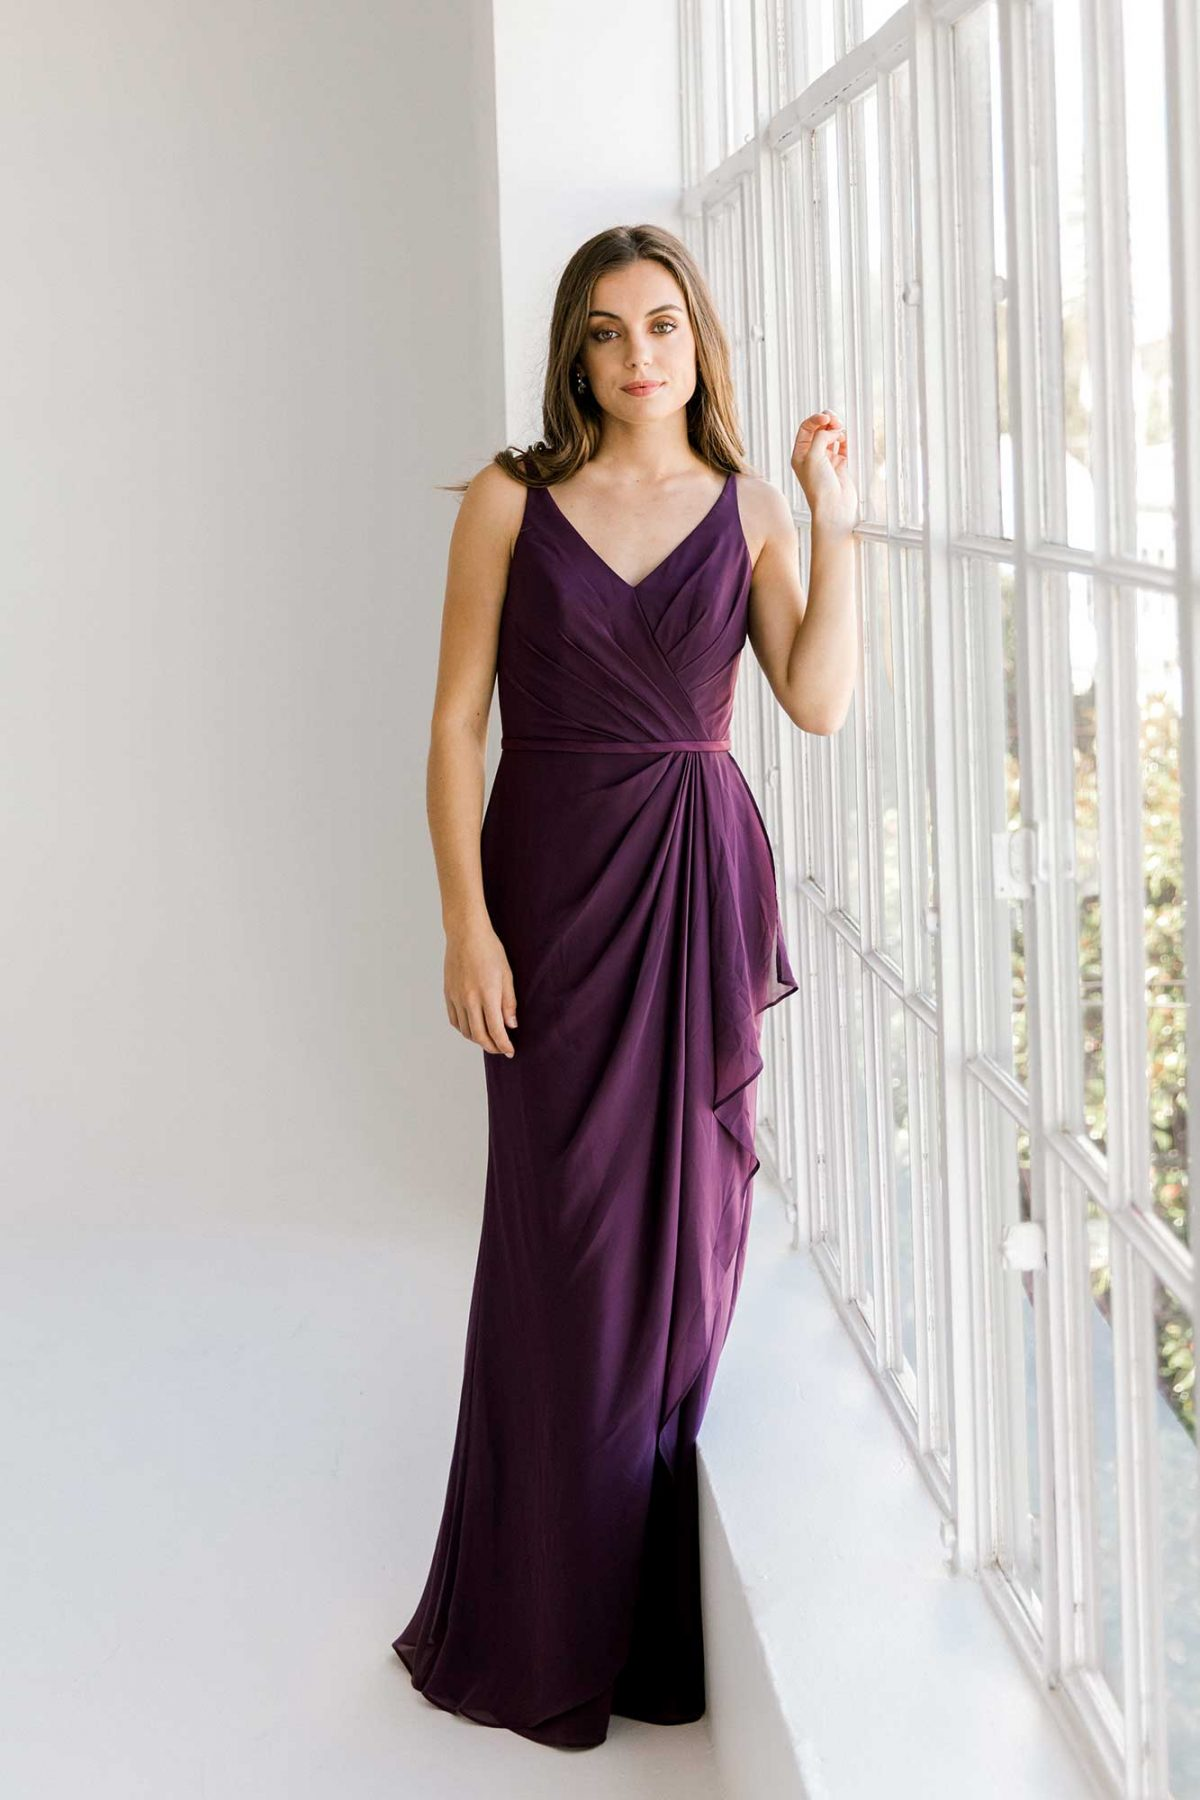 Luna dress in grape colour front view